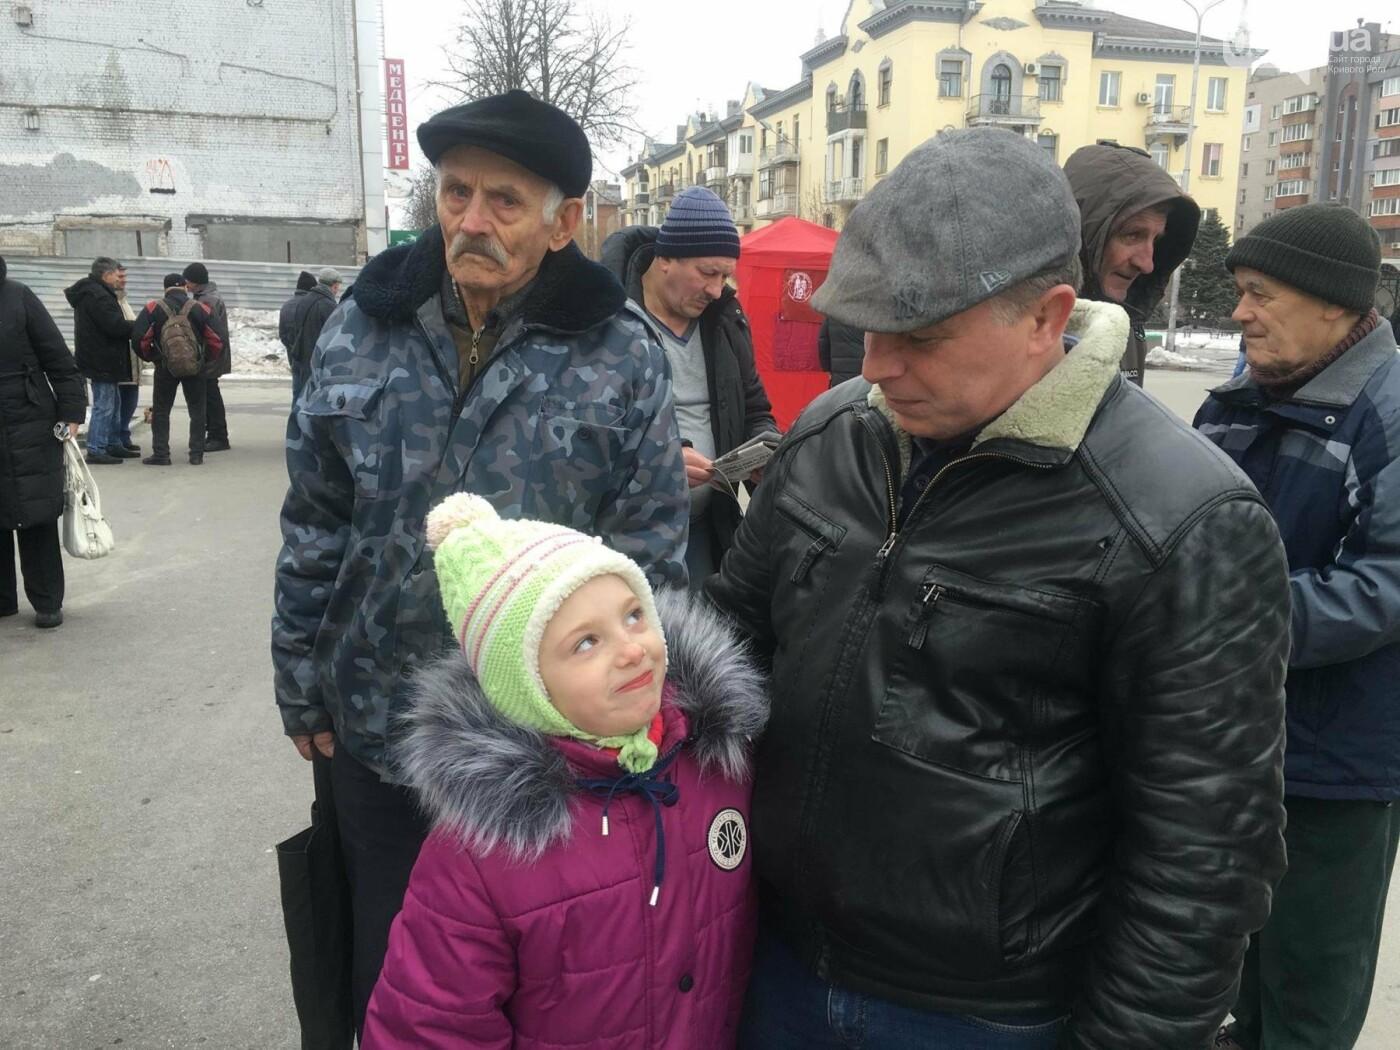 Над проспектом Почтовым в Кривом Роге сегодня звучат слова Кобзаря (ФОТО, ВИДЕО), фото-8